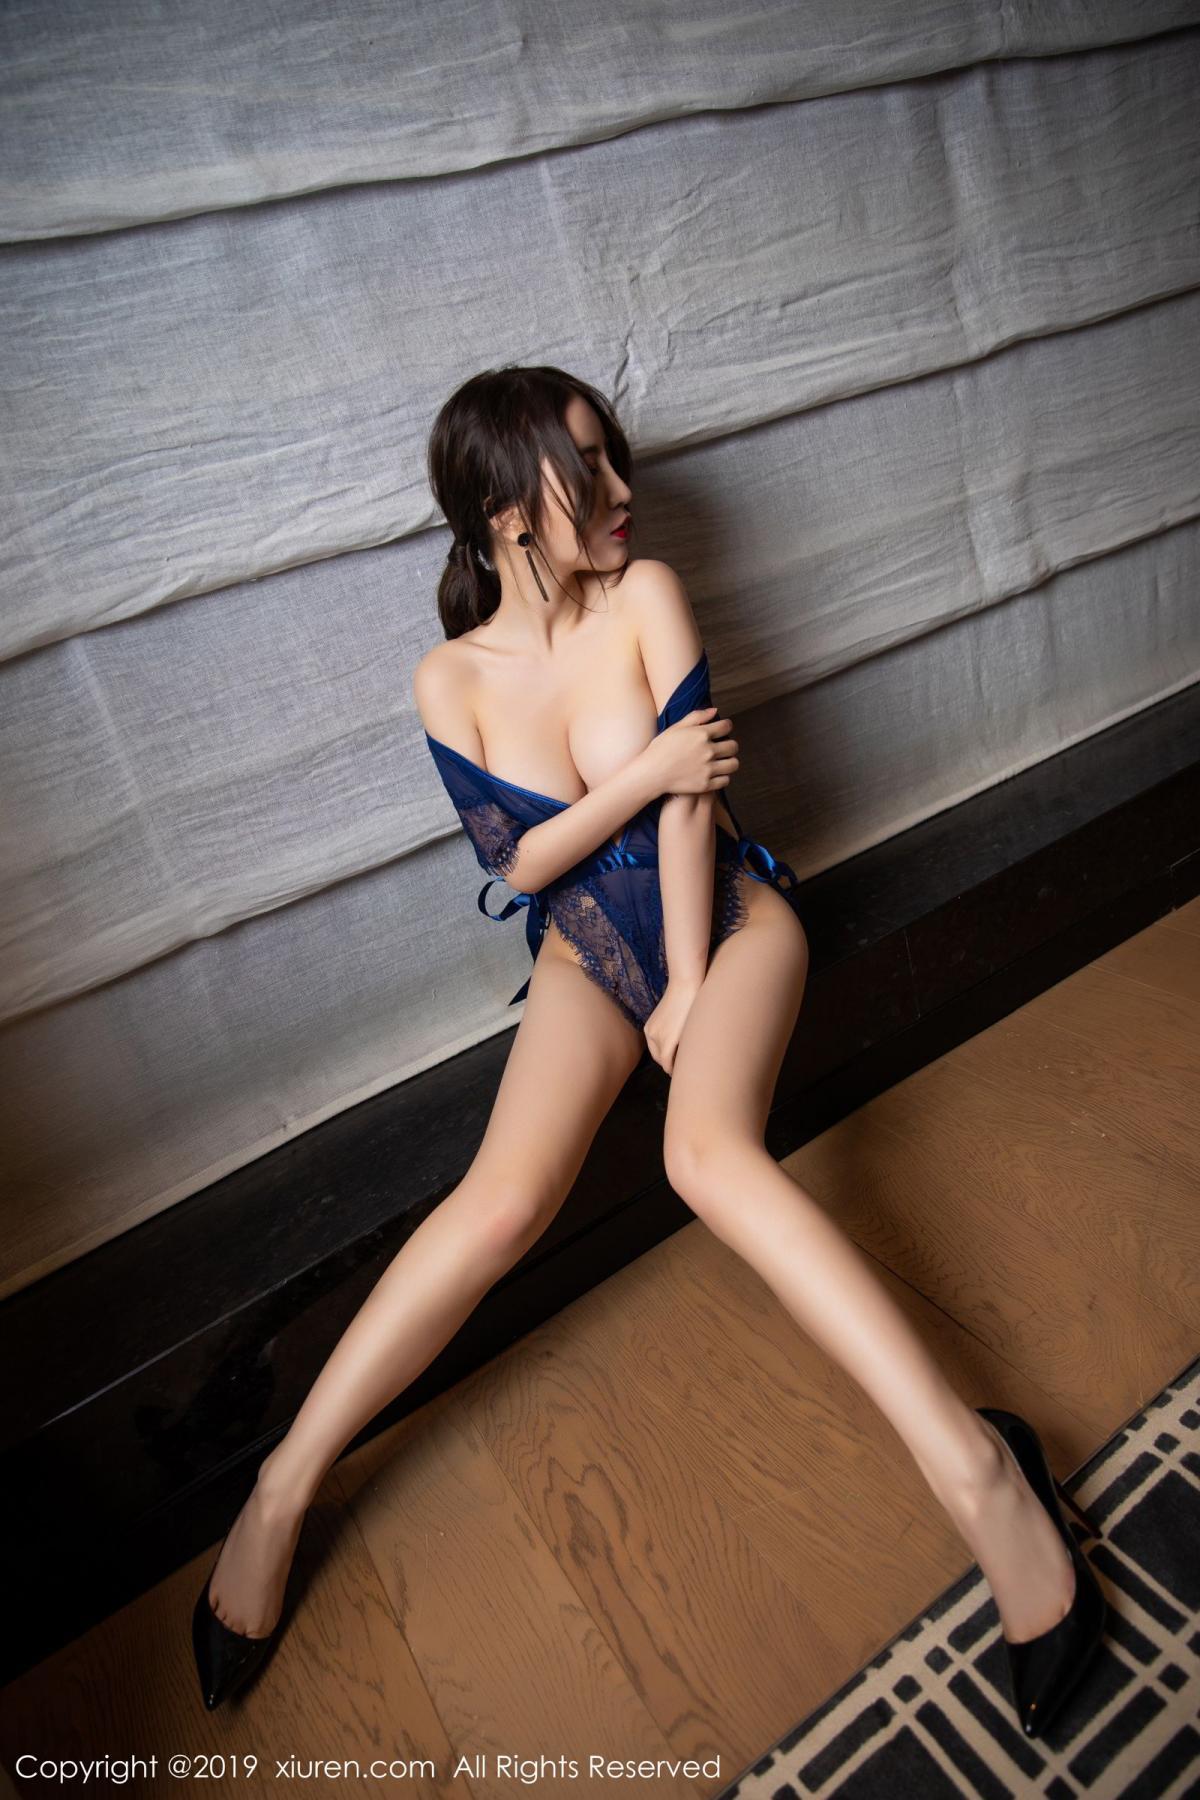 [XiuRen] Vol.1589 Xie Zhi Xin 54P, Sexy, Underwear, Xie Zhi Xin, Xiuren